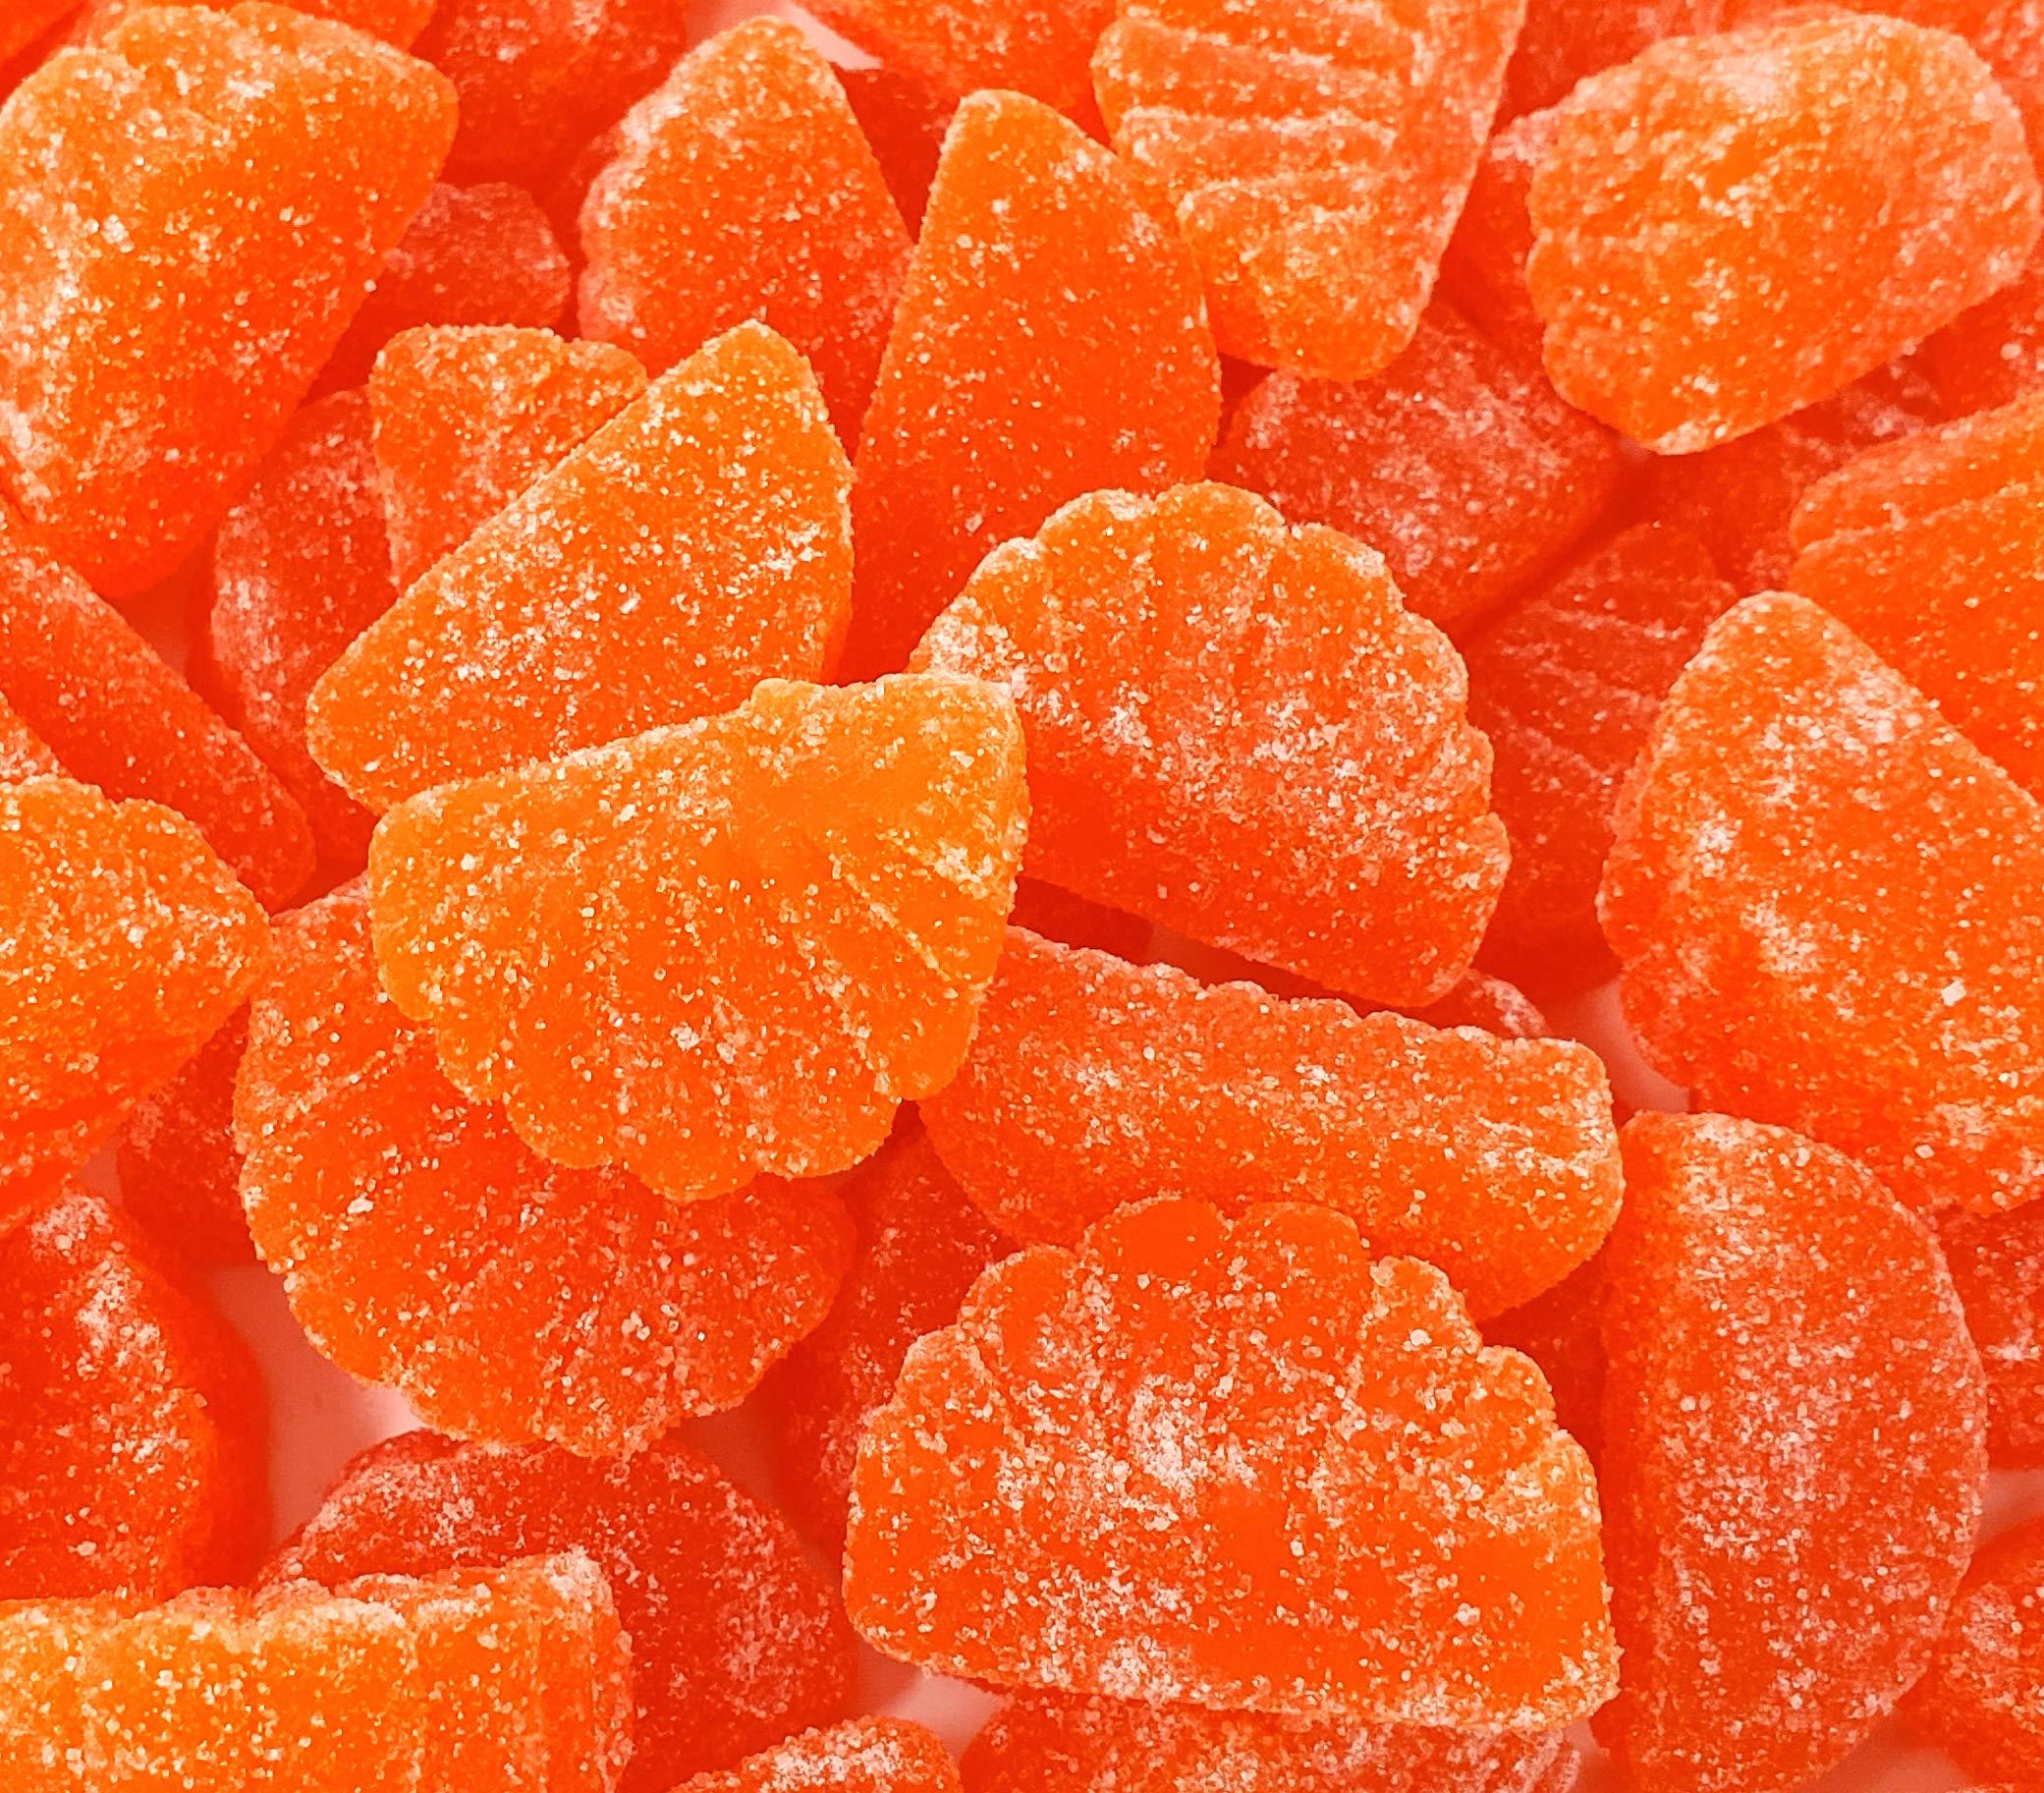 CrazyOutlet Gummy Candy Orange Flavor Fruit Slice Candy - Bulk Pack 2 Lbs